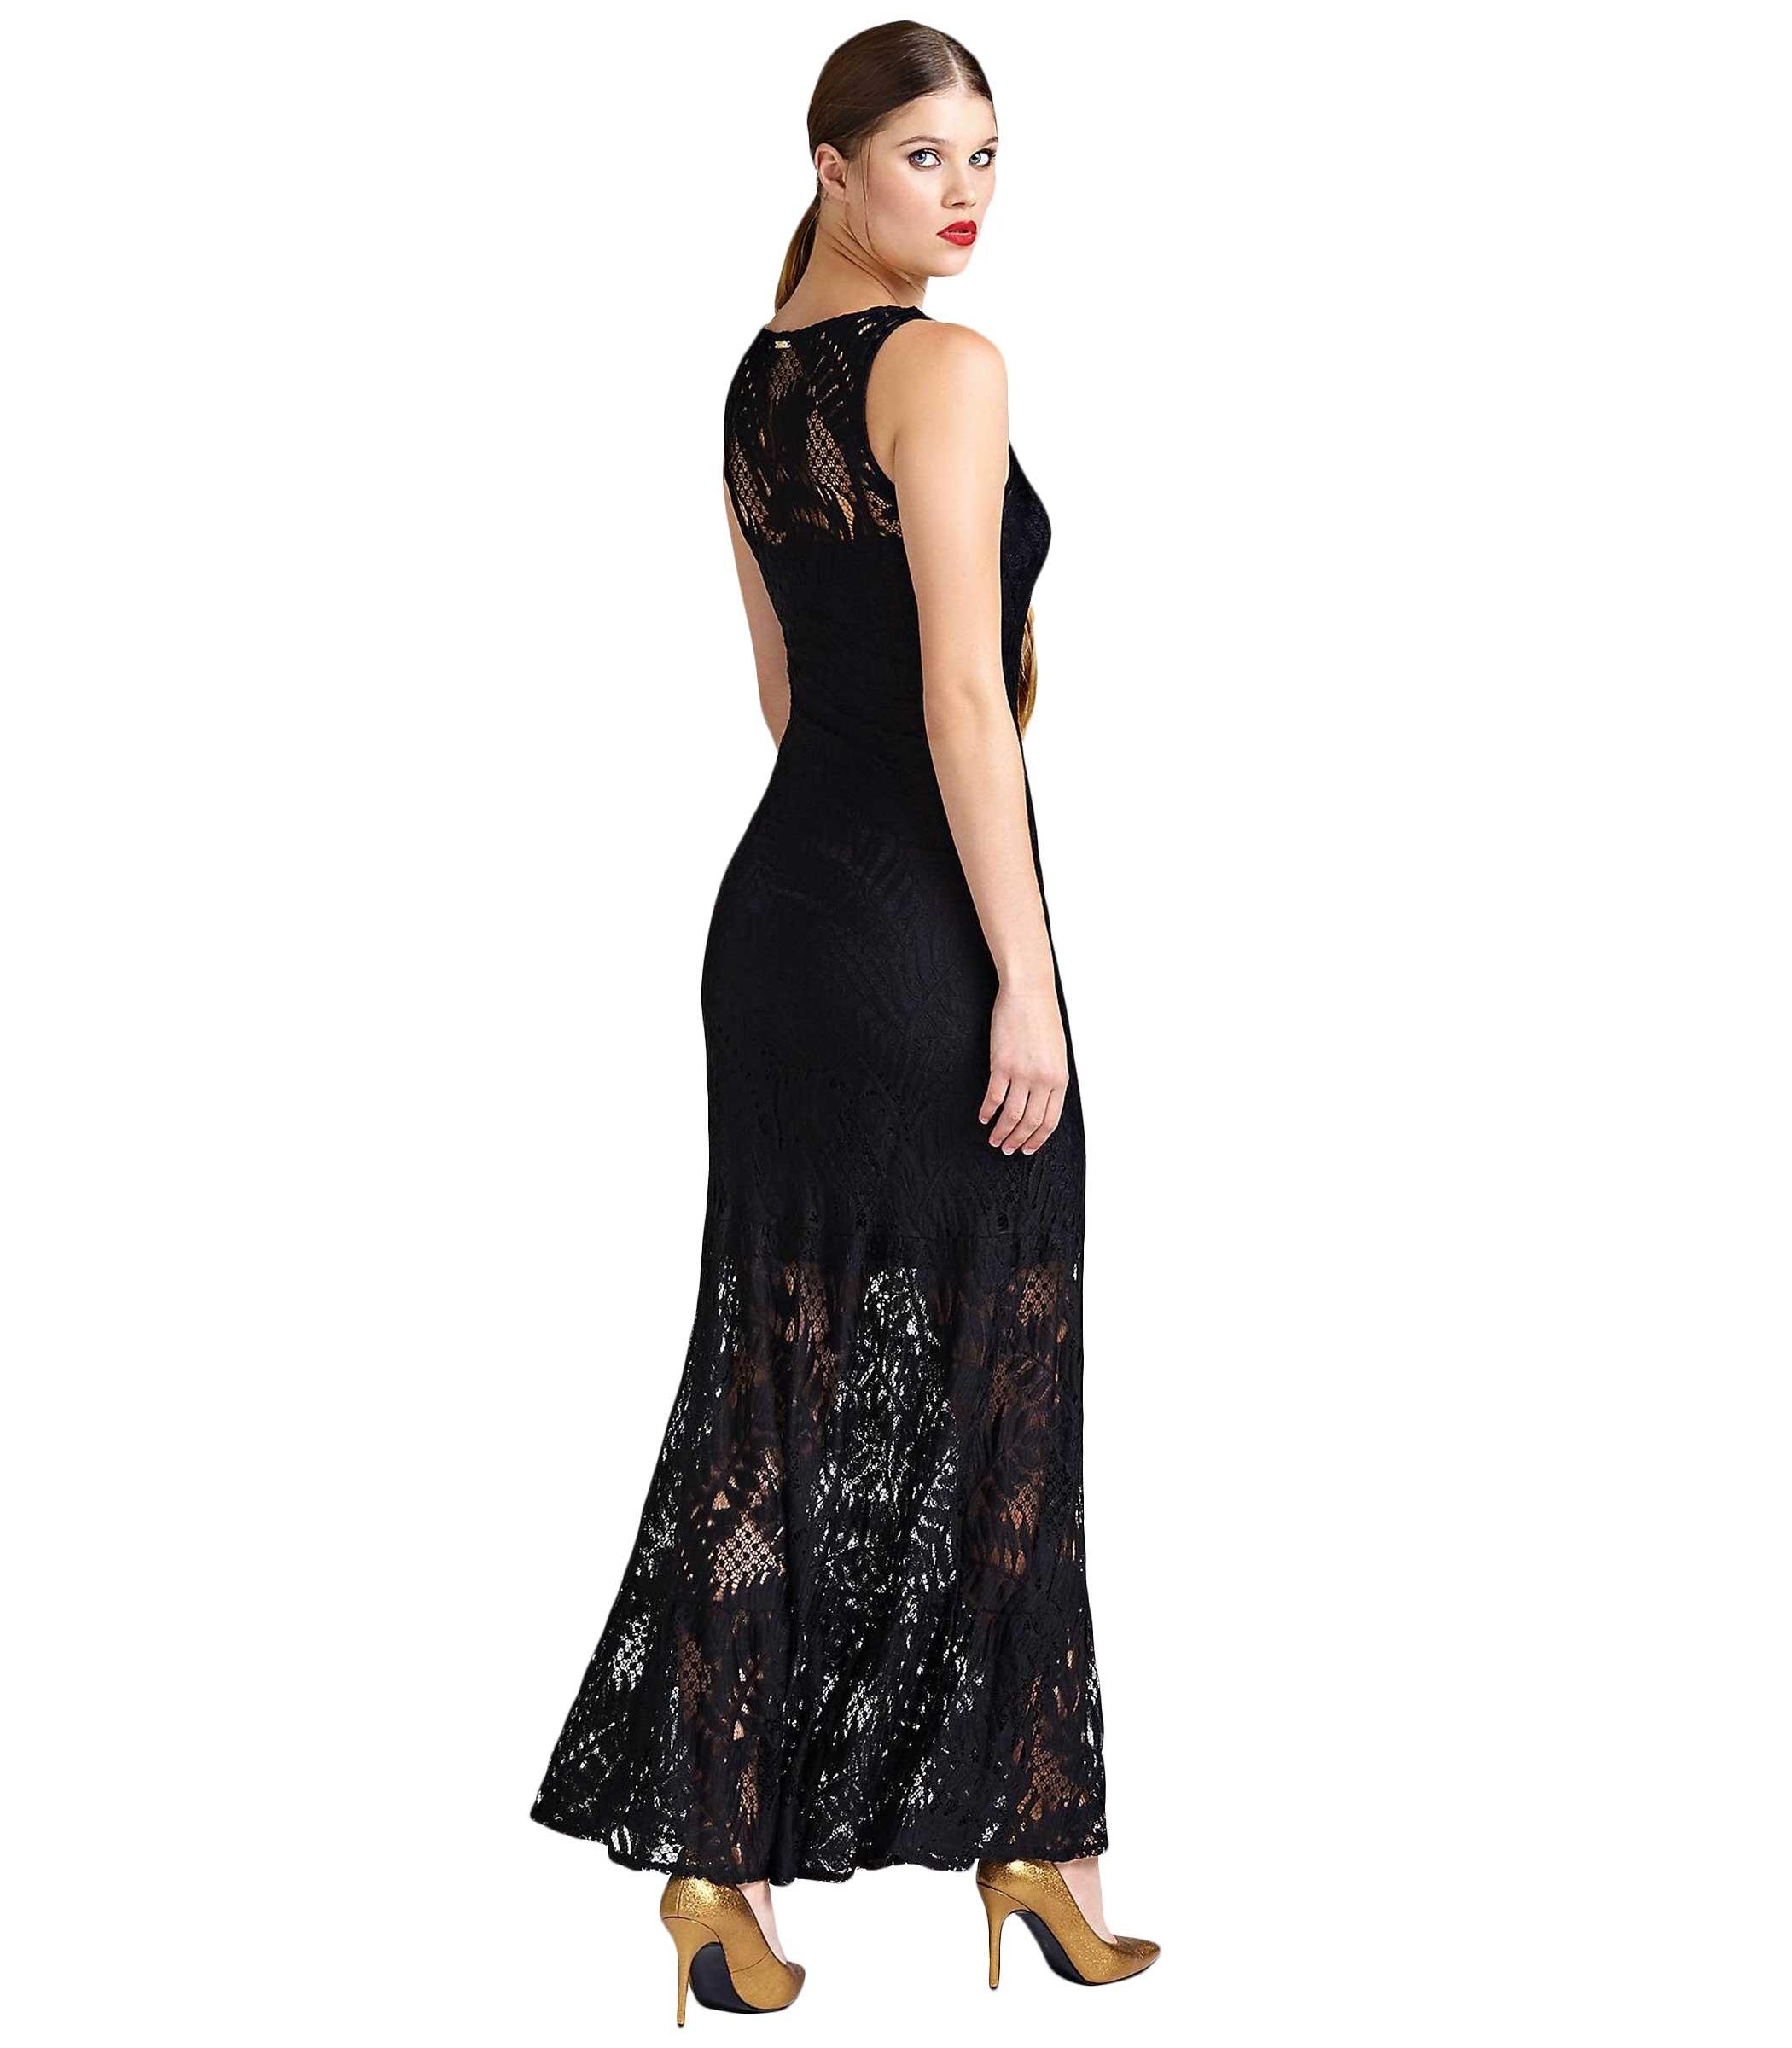 buy popular 4b316 666fe Vestito Abito GUESS in pizzo dettaglio trasparente donna ...